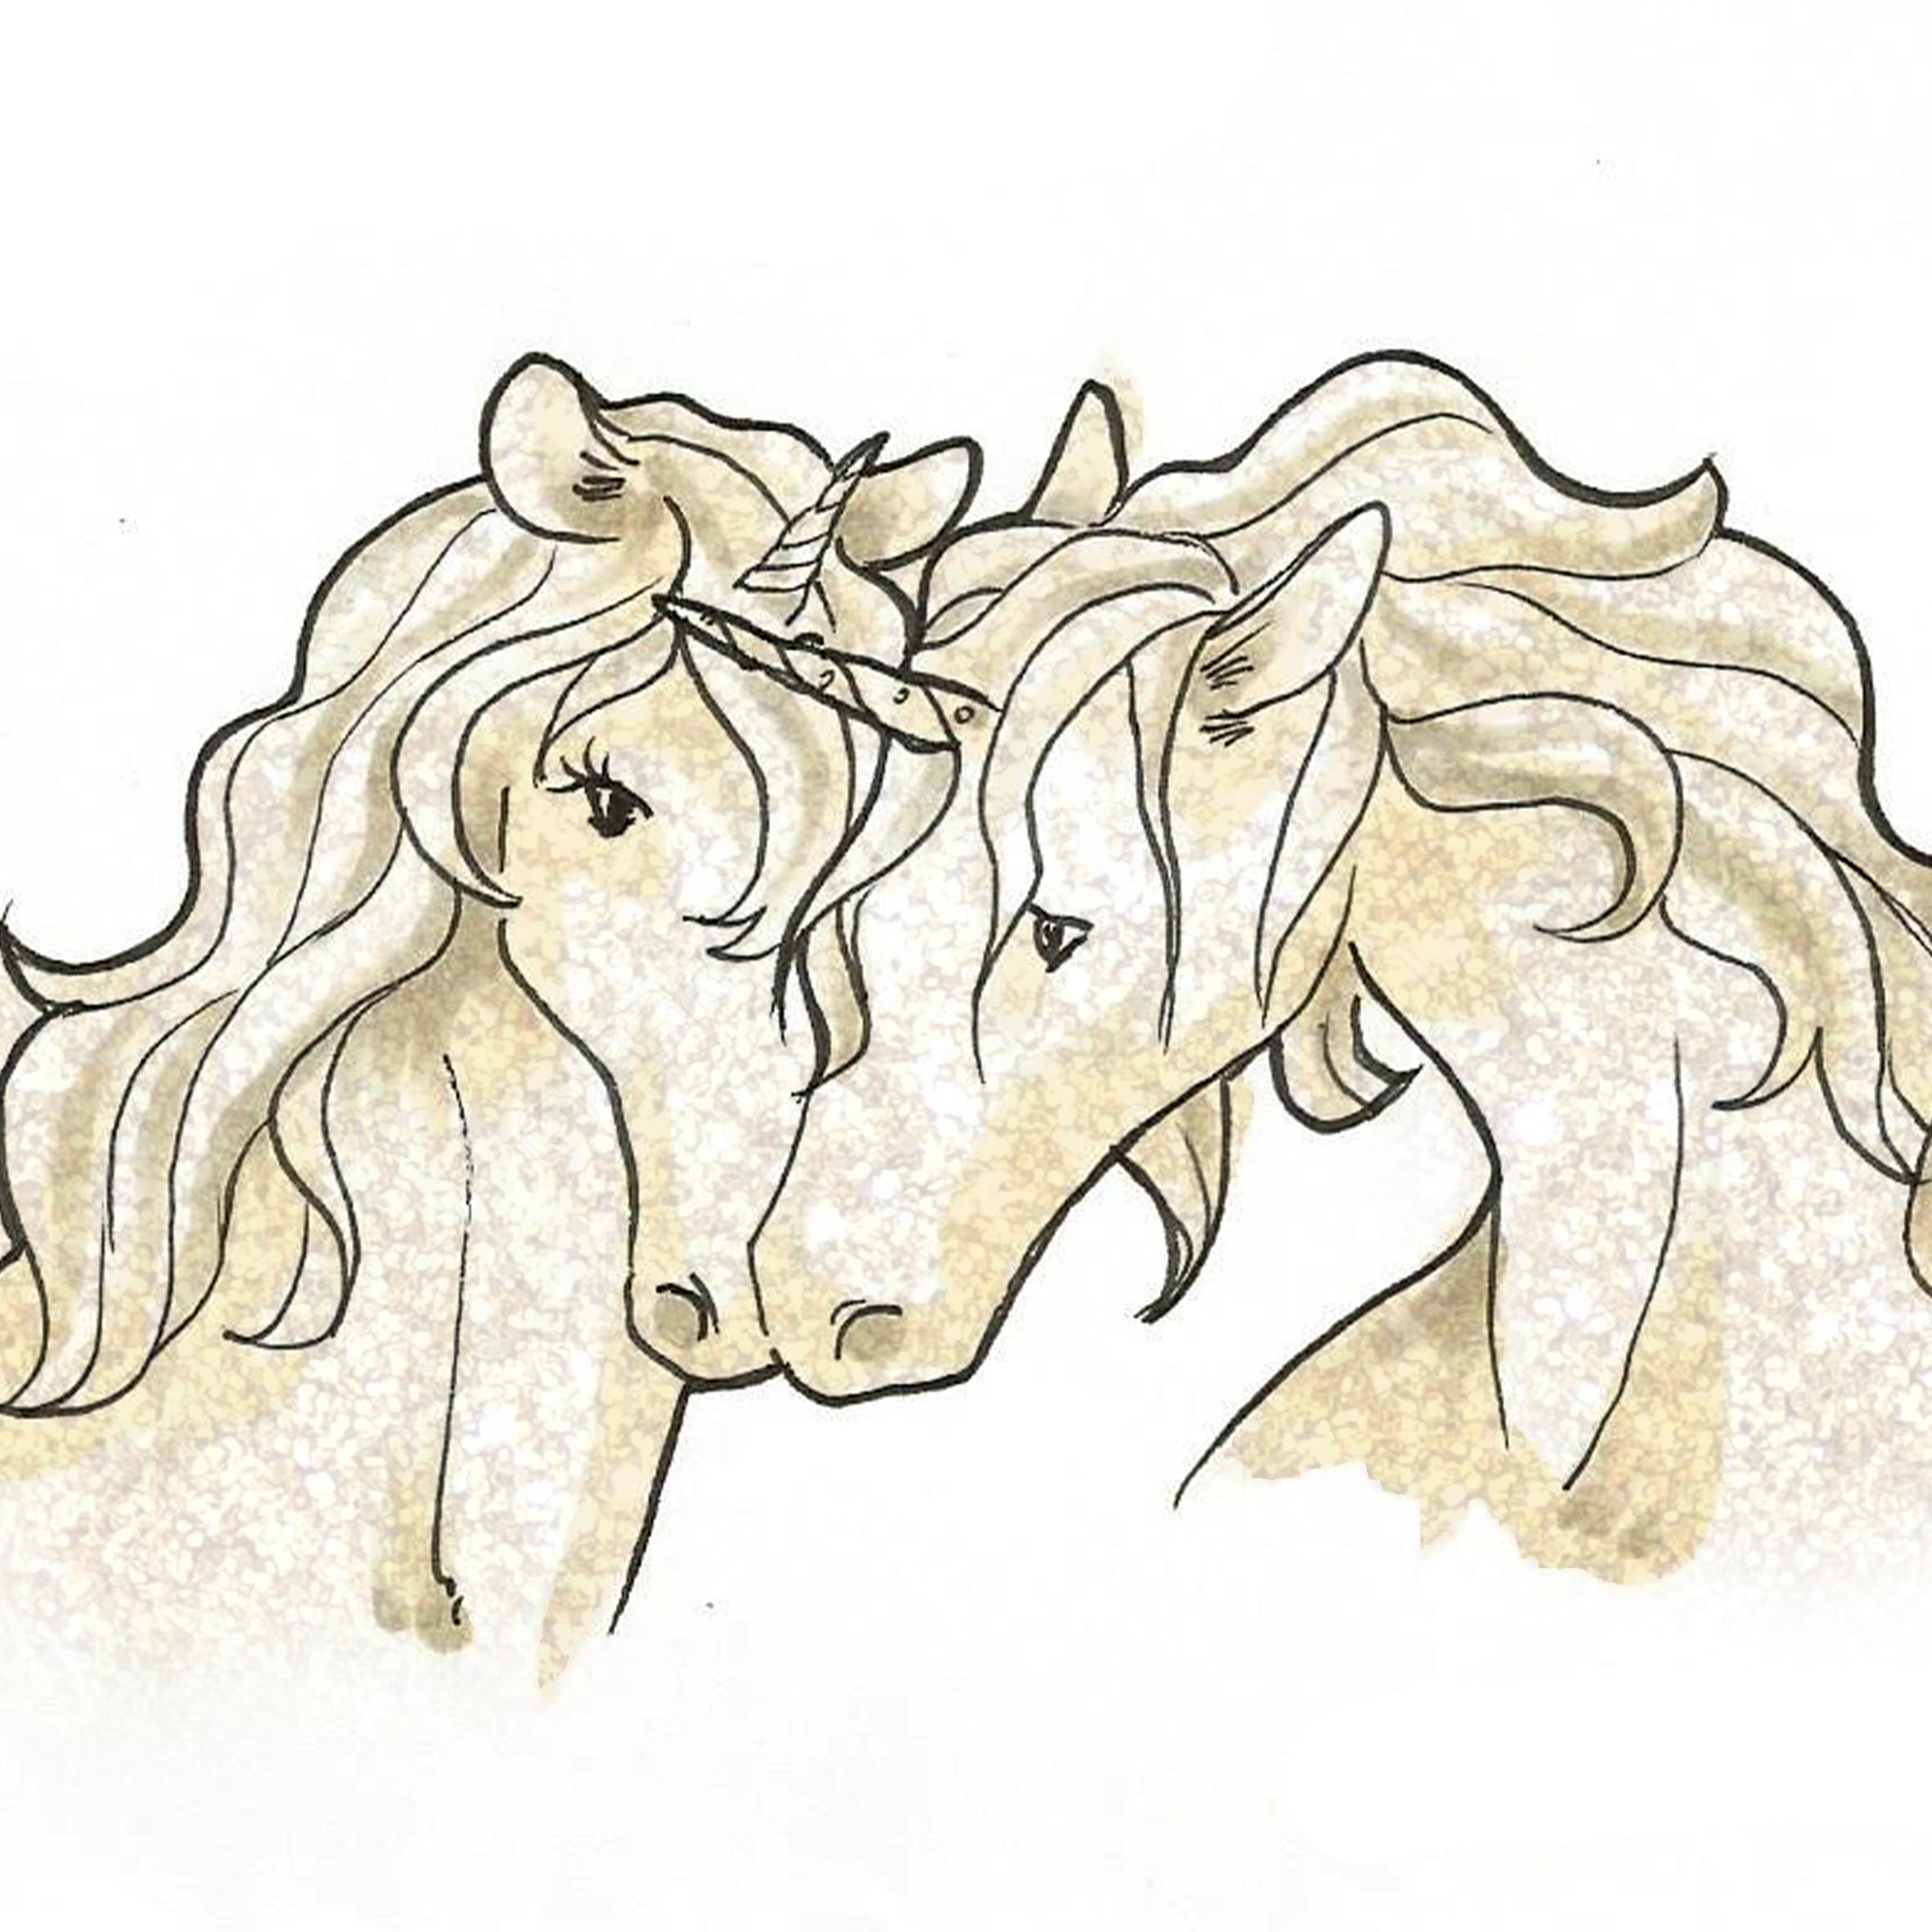 Farina und Jasper.jpg